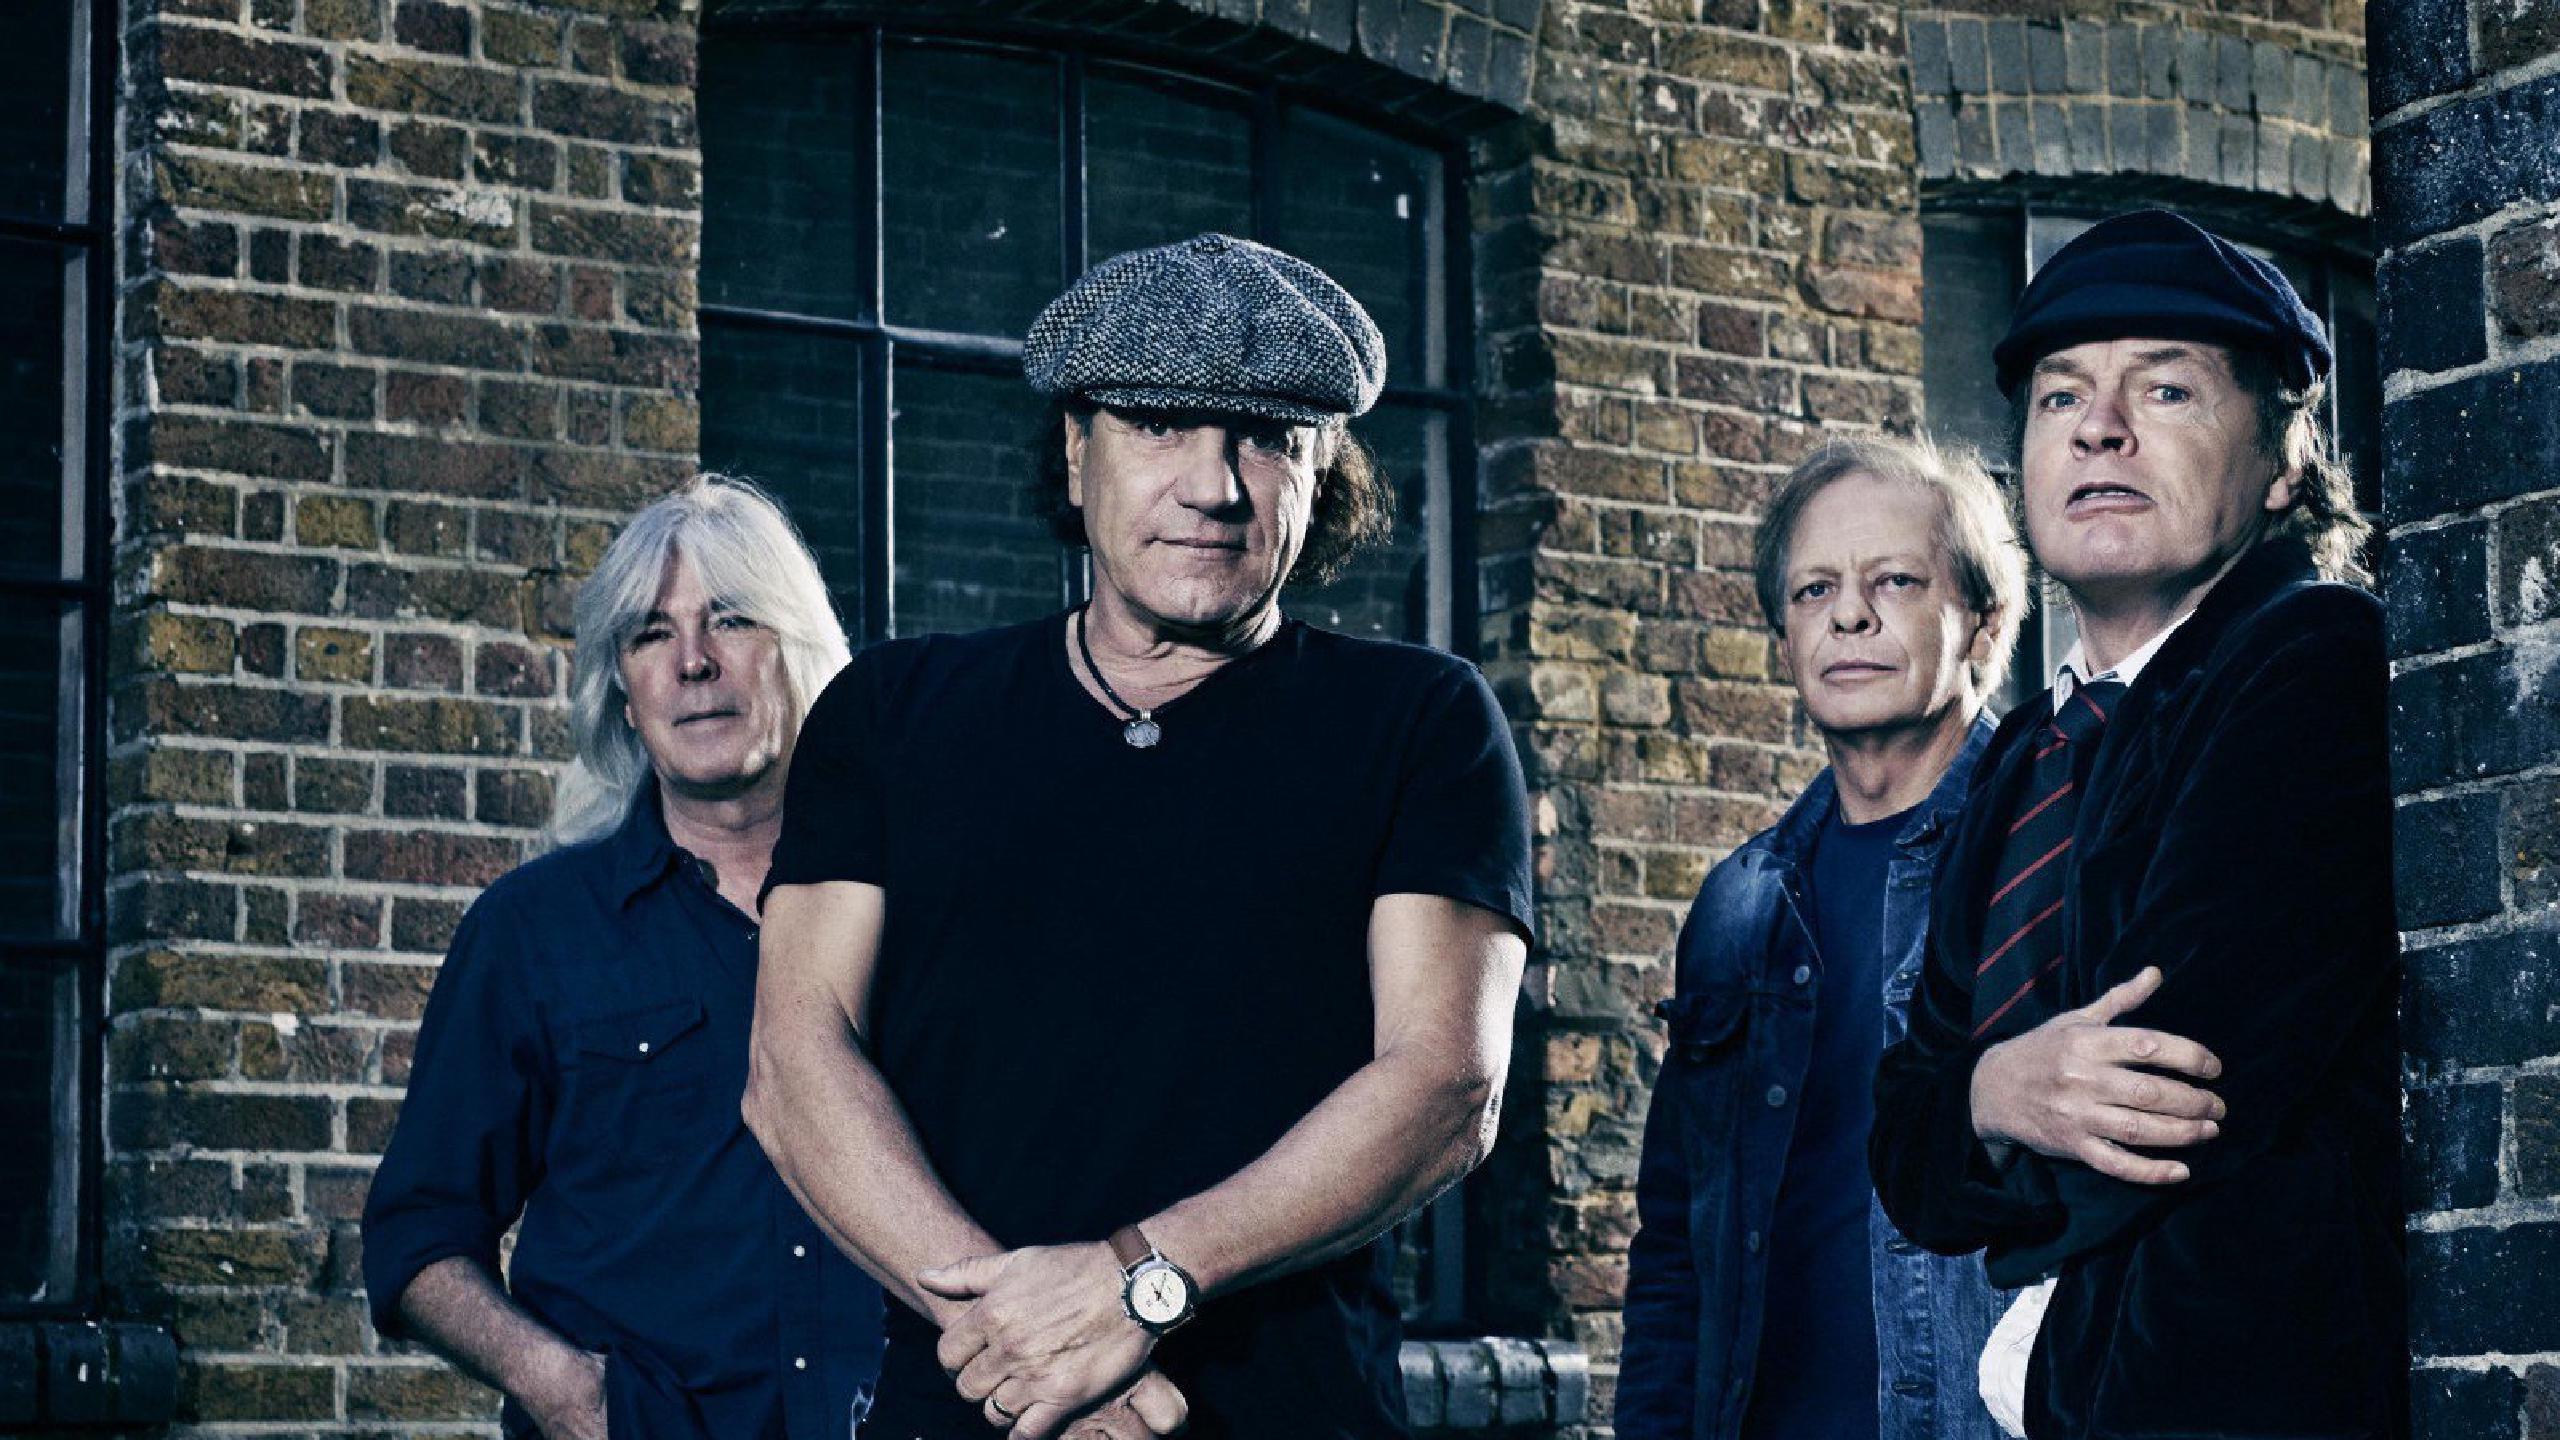 Brian Johnson potrebbe tornare in tour con gli AC/DC